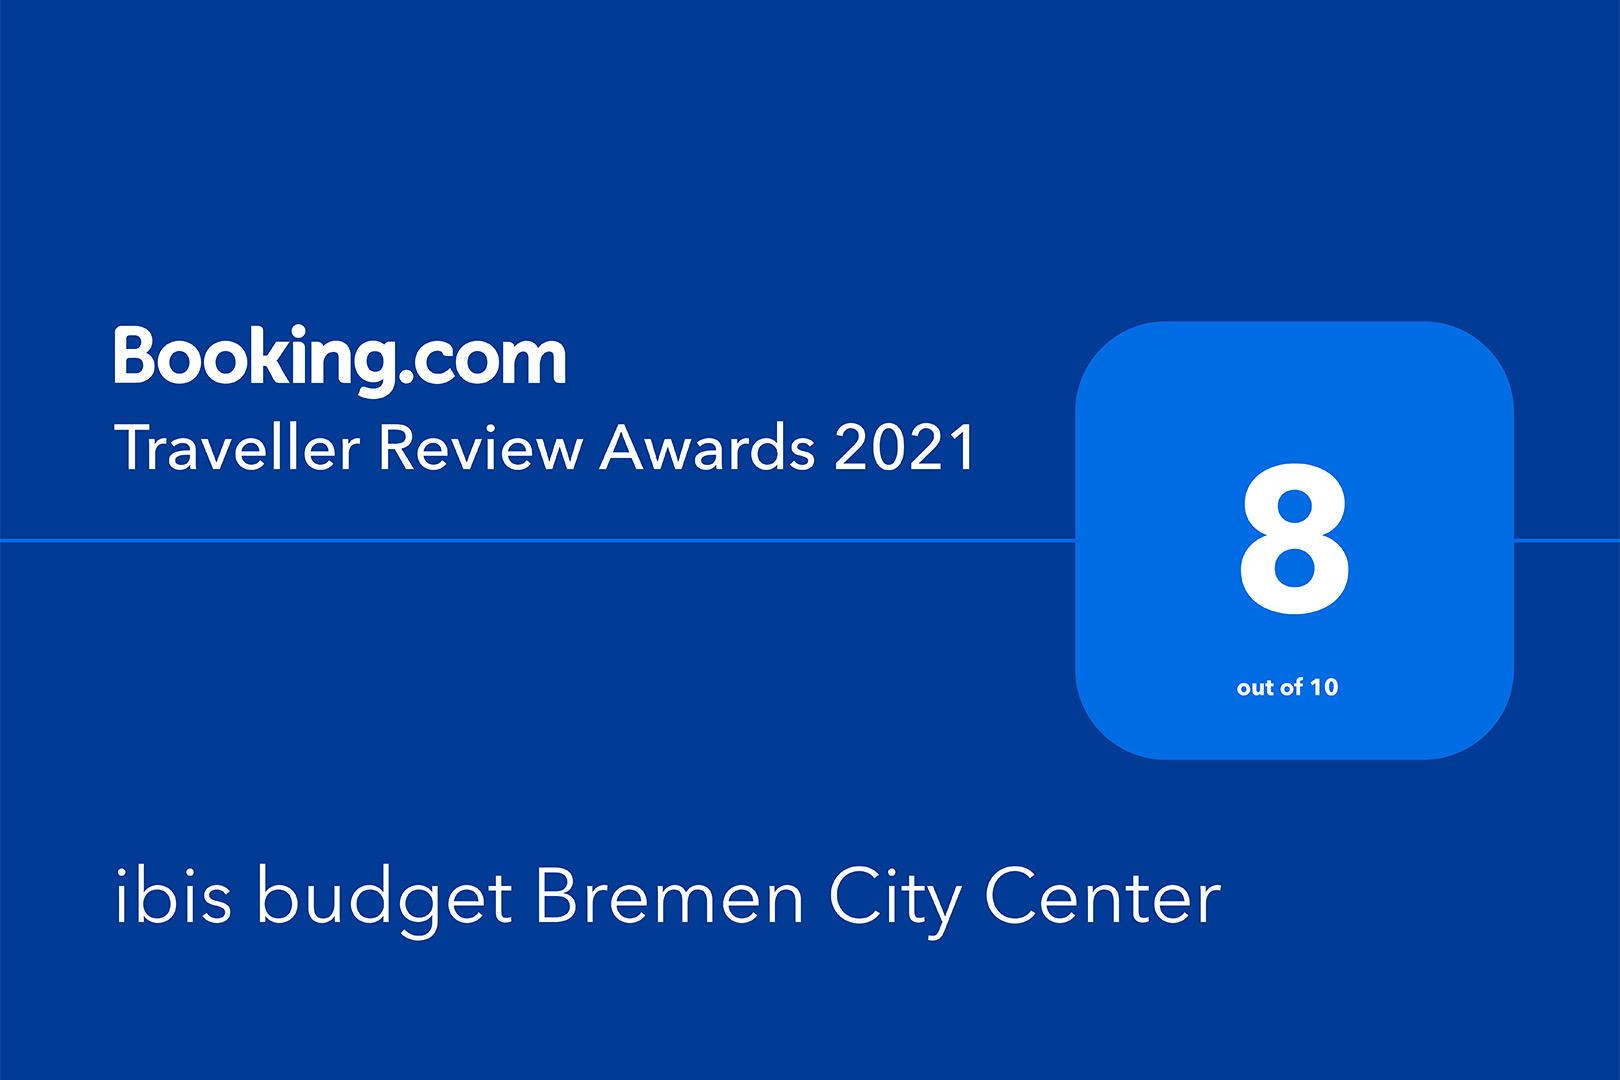 ibis budget Bremen City Center - Traveller Review Award 2021